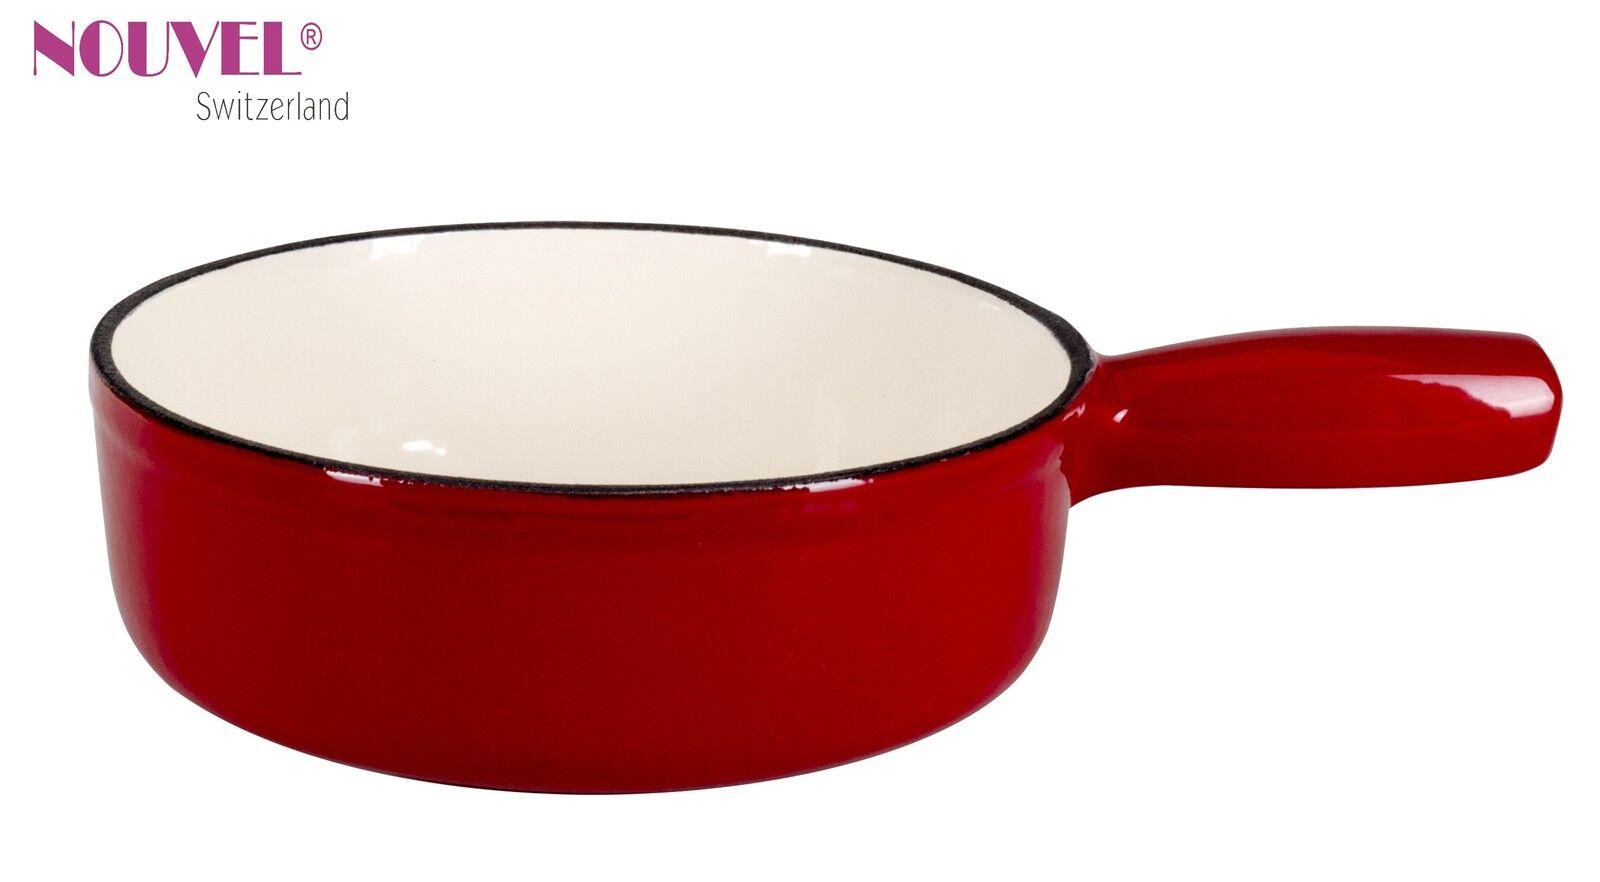 Käsefondue-Caquelon Nouvel Swiss   Gastro 22 cm   Gusseisen rot  Induktion | Online-Exportgeschäft